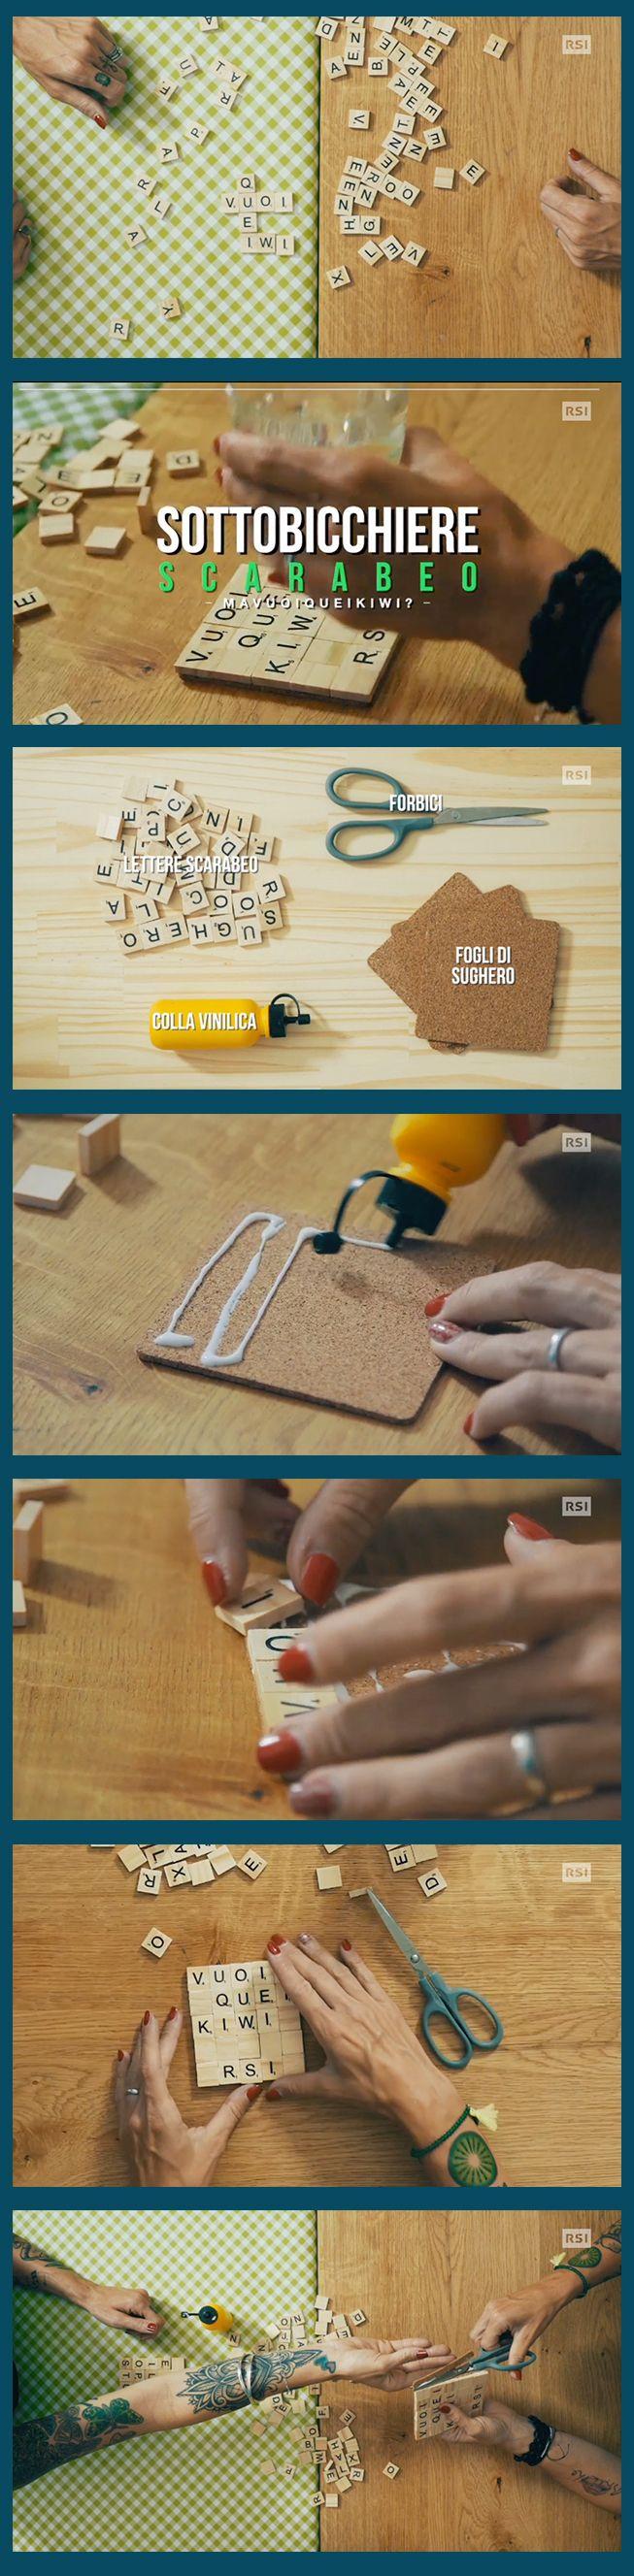 Orizzontale o verticale? Anagramma i tasselli dello scarabeo e crea i tuoi sottobicchieri personalizzati    www.rsi.ch/kiwi https://www.facebook.com/RSIvuoiqueikiwi/ https://www.youtube.com/channel/UCY-Ge3XwDLKSweZ6gJzwQaA